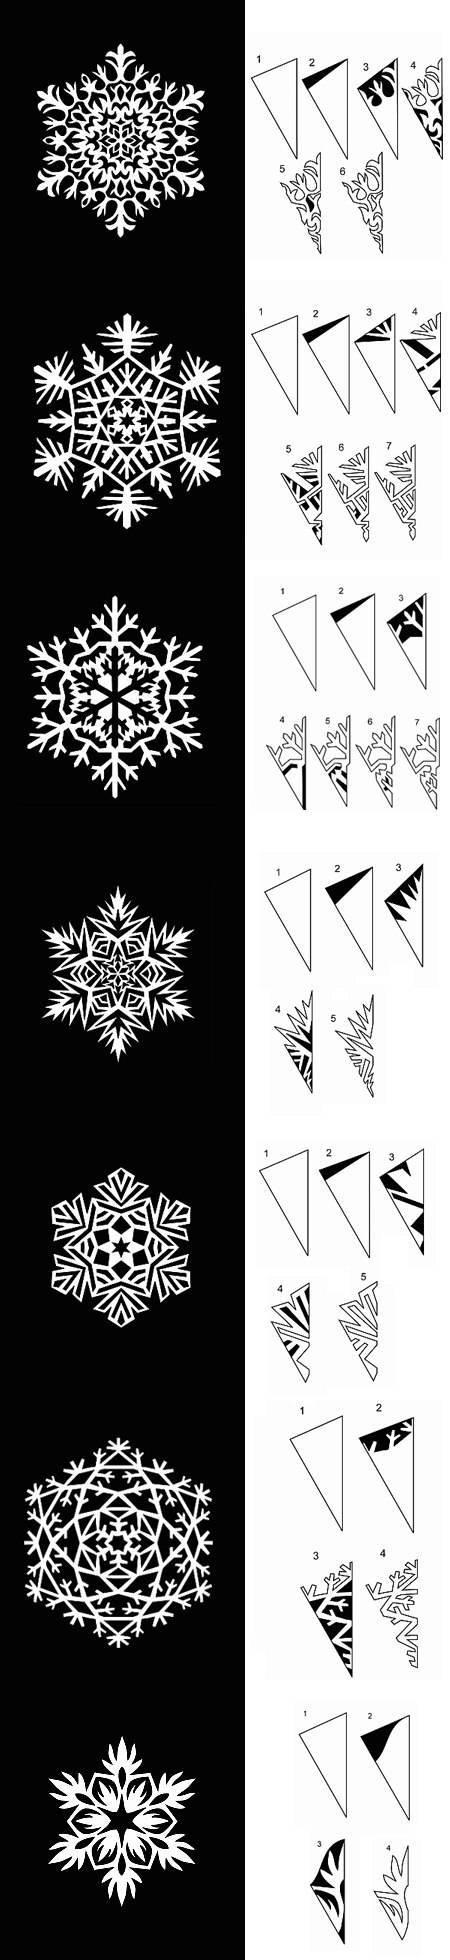 как вырезать снежинки